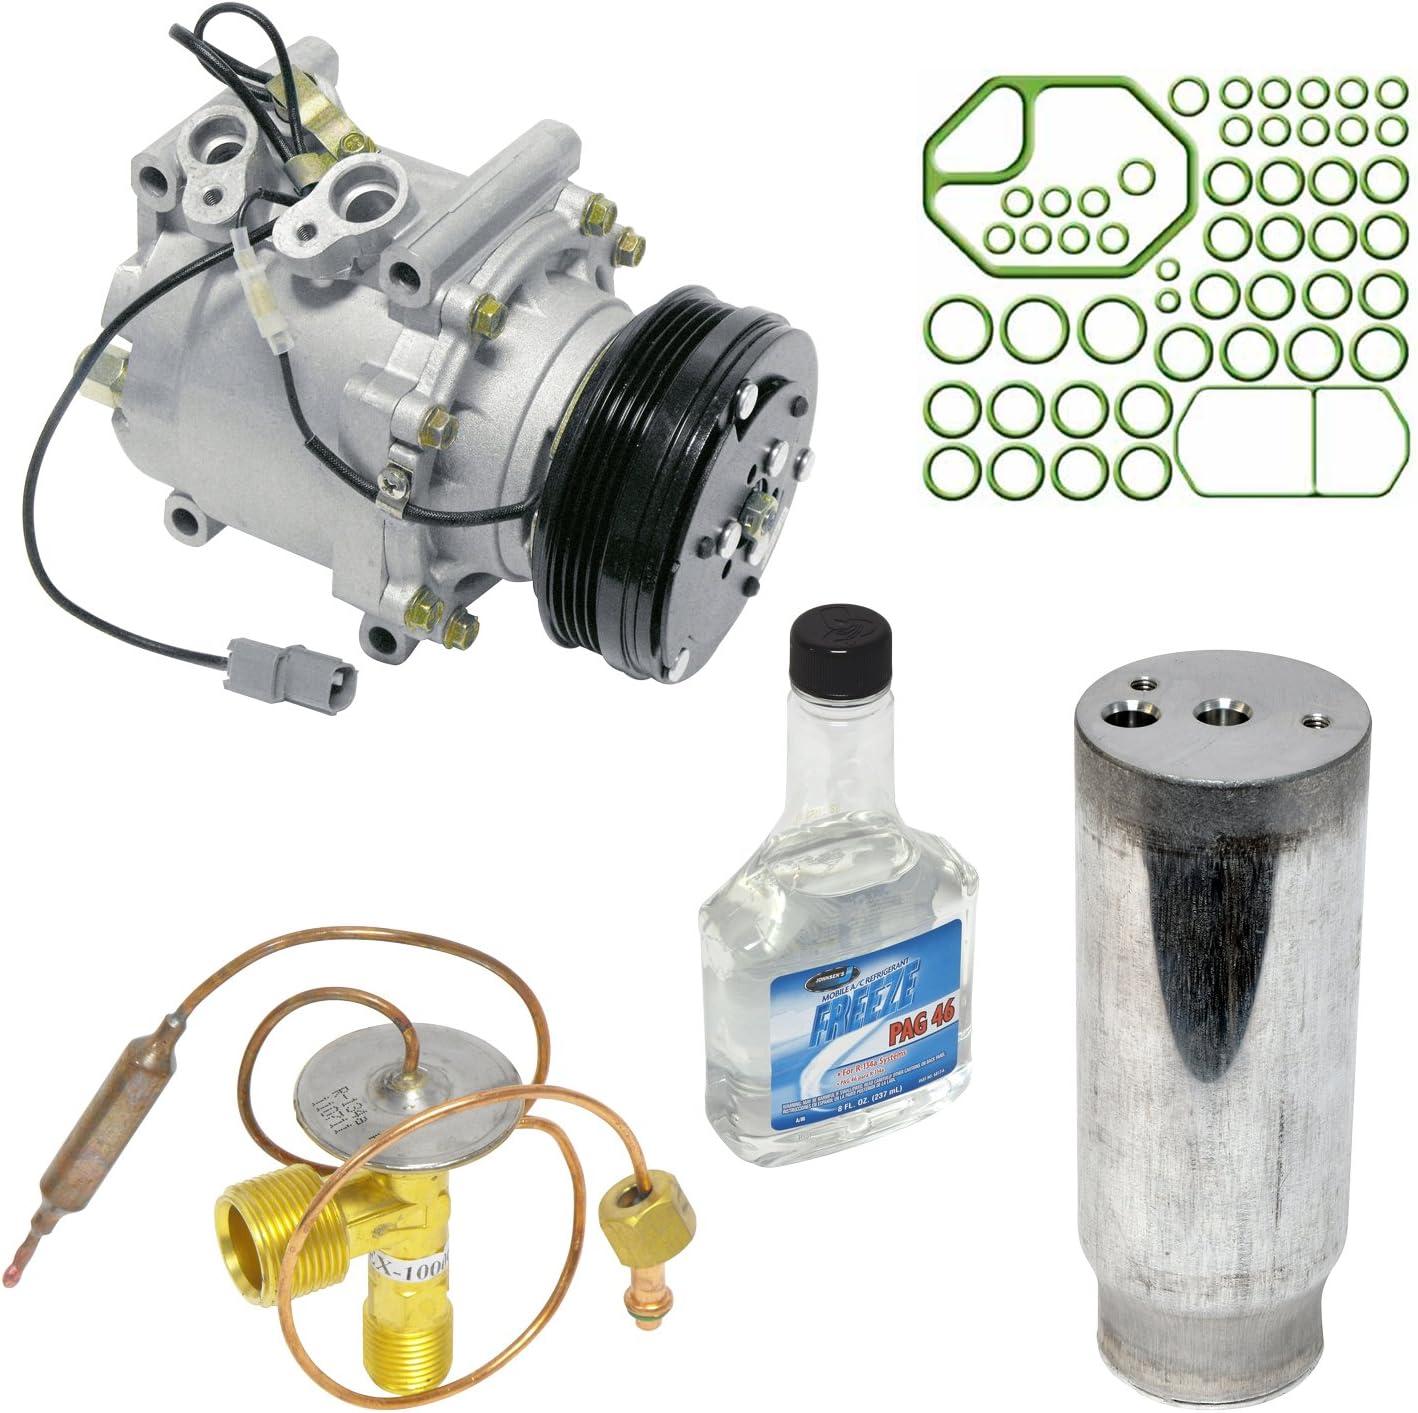 New A//C Compressor Kit 1051393-38810P06A06 Civic Civic del Sol